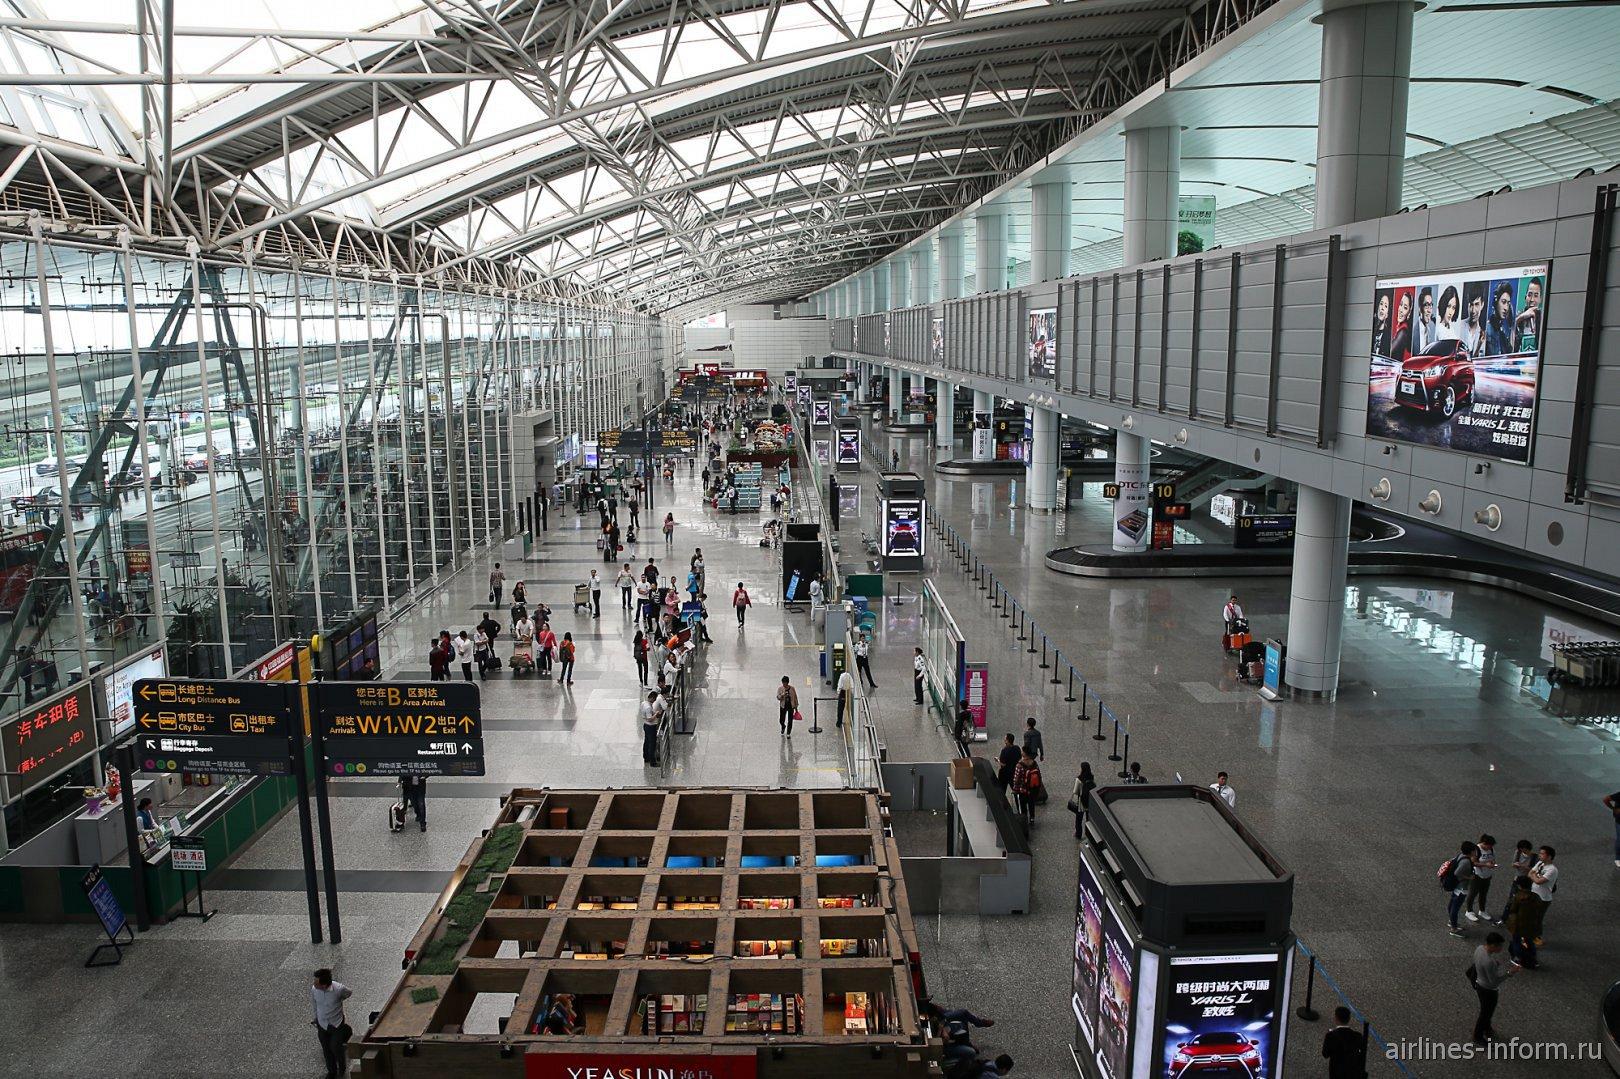 Зона выдачи багажа внутренних рейсов в аэропорту Гуанчжоу Байюнь